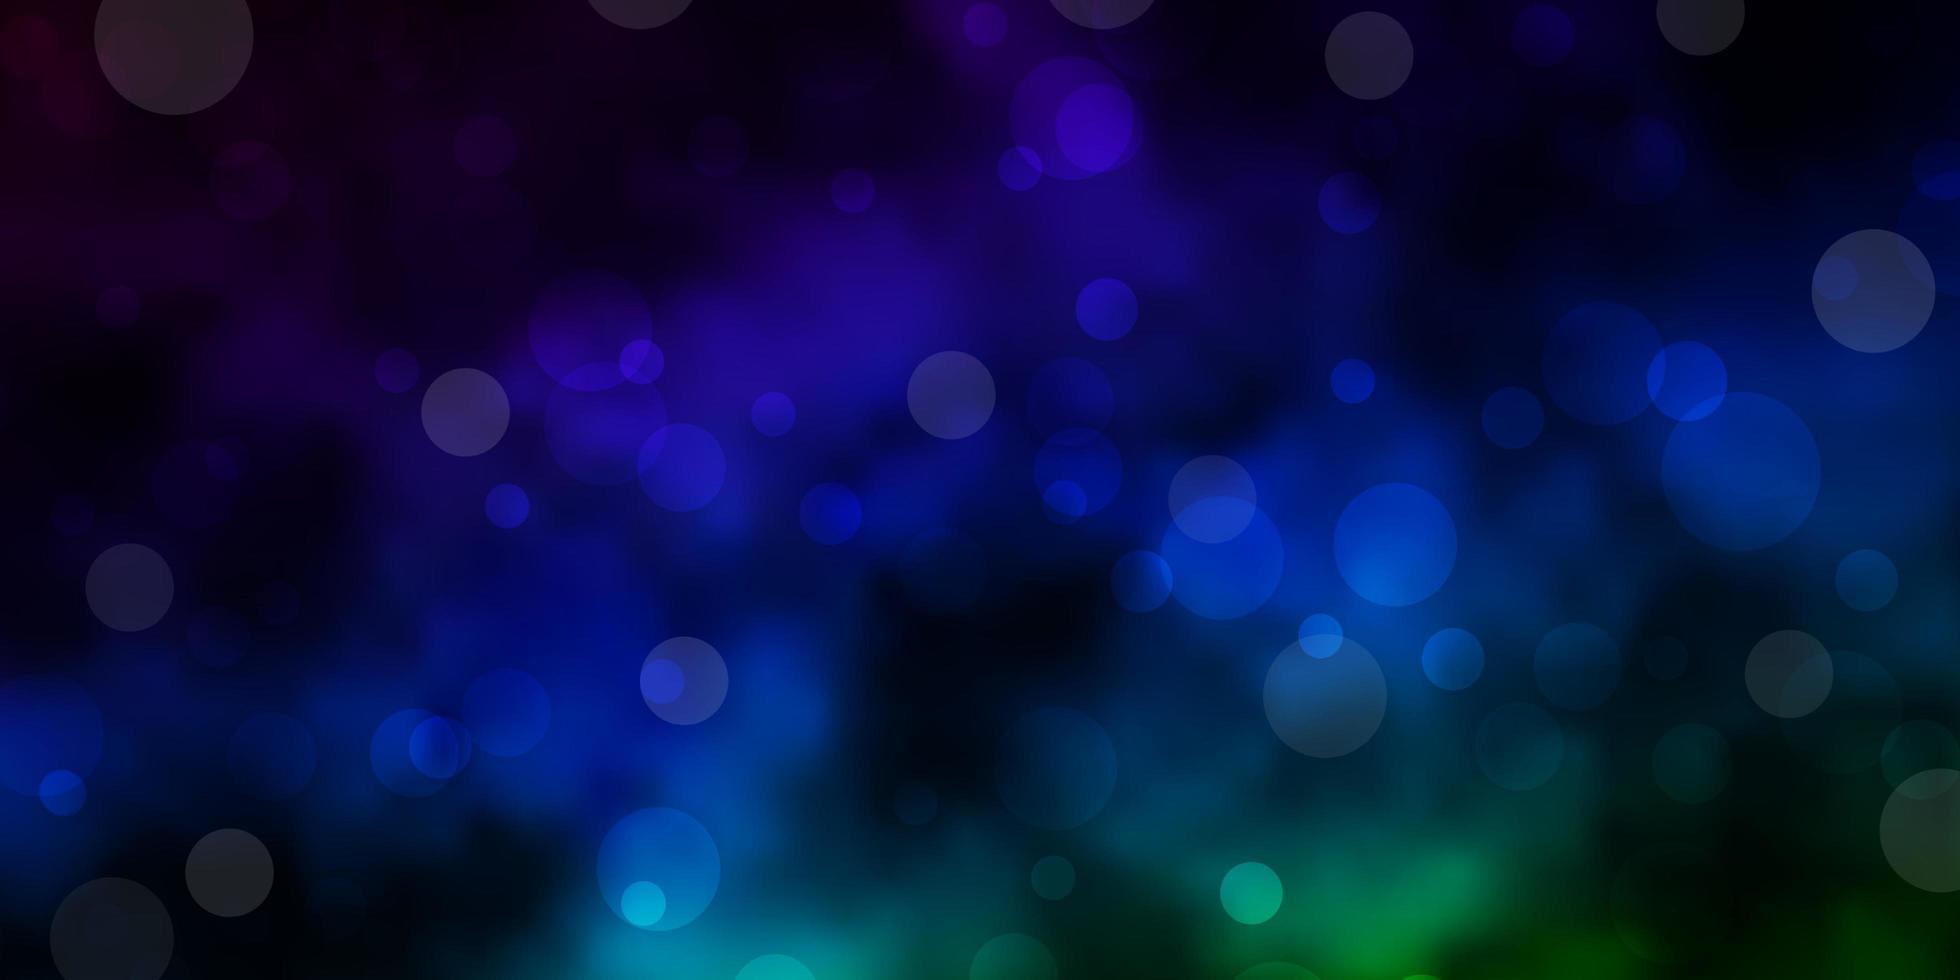 donkerblauwe, groene vectorlay-out met cirkelvormen. vector